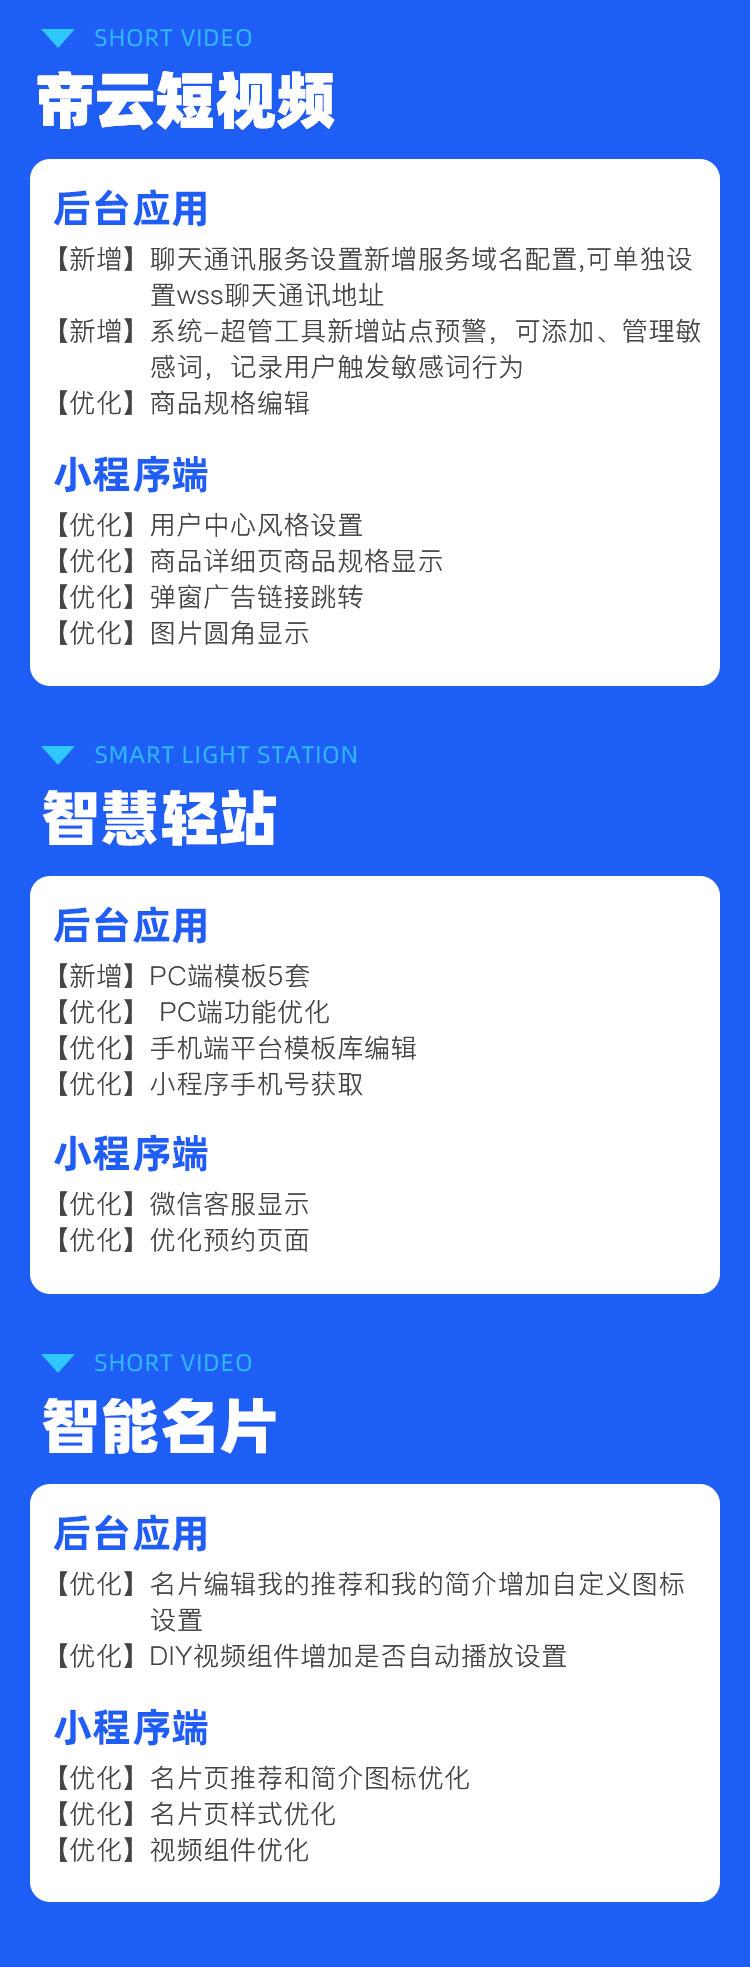 帝云商城系统2021年1月第一期更新内容